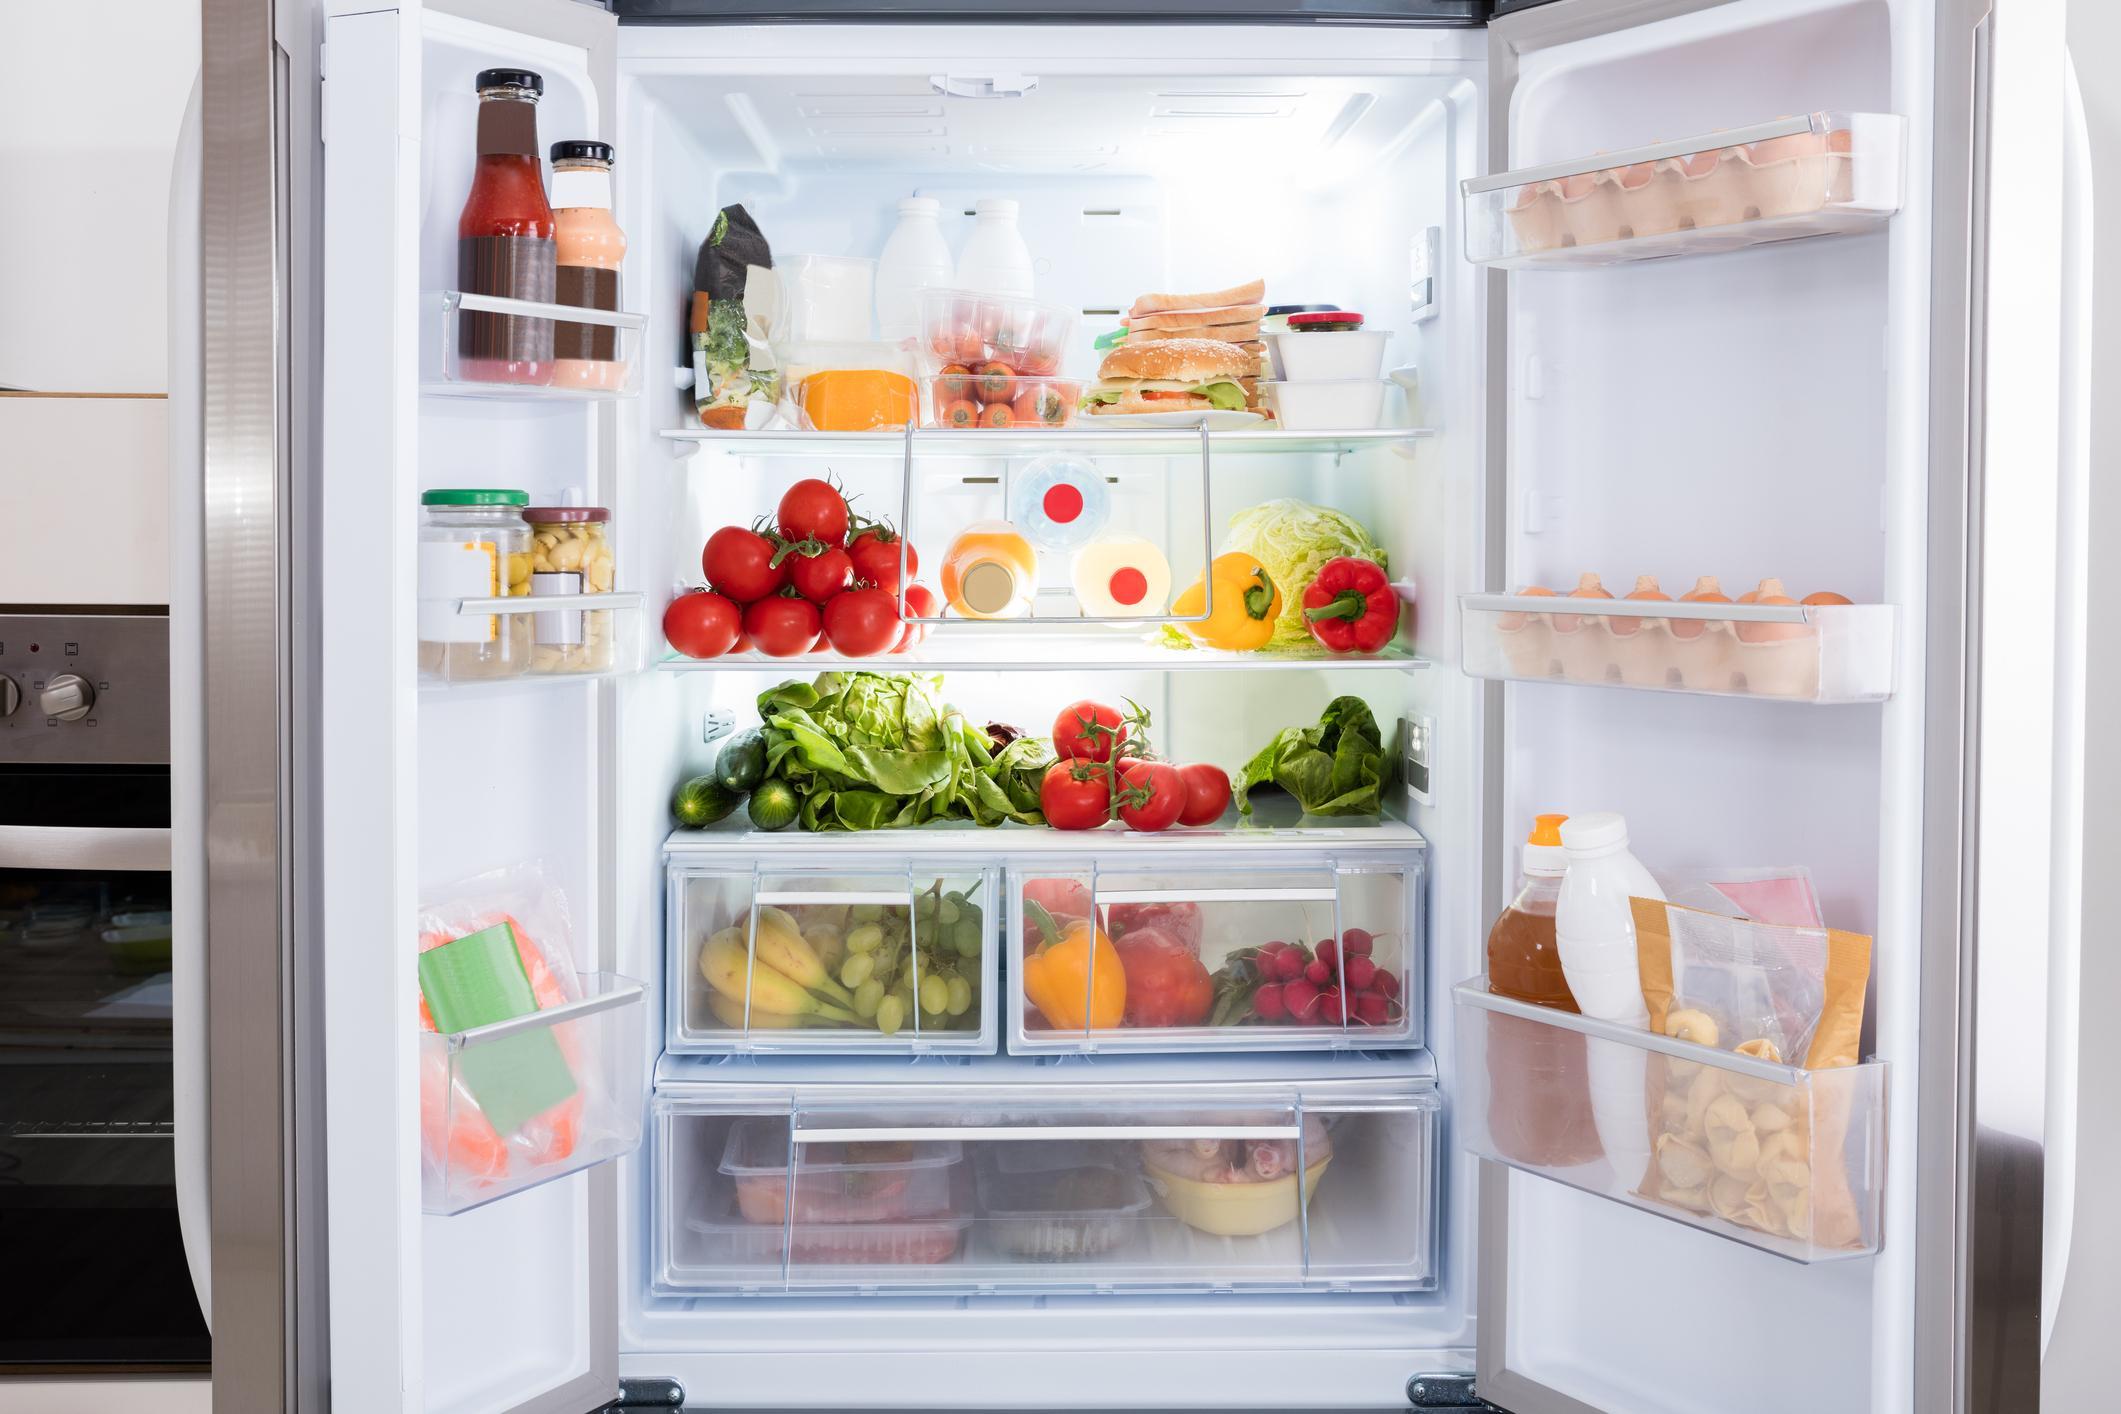 Pesquisa mostra que infecções alimentares acontecem principalmente em casa